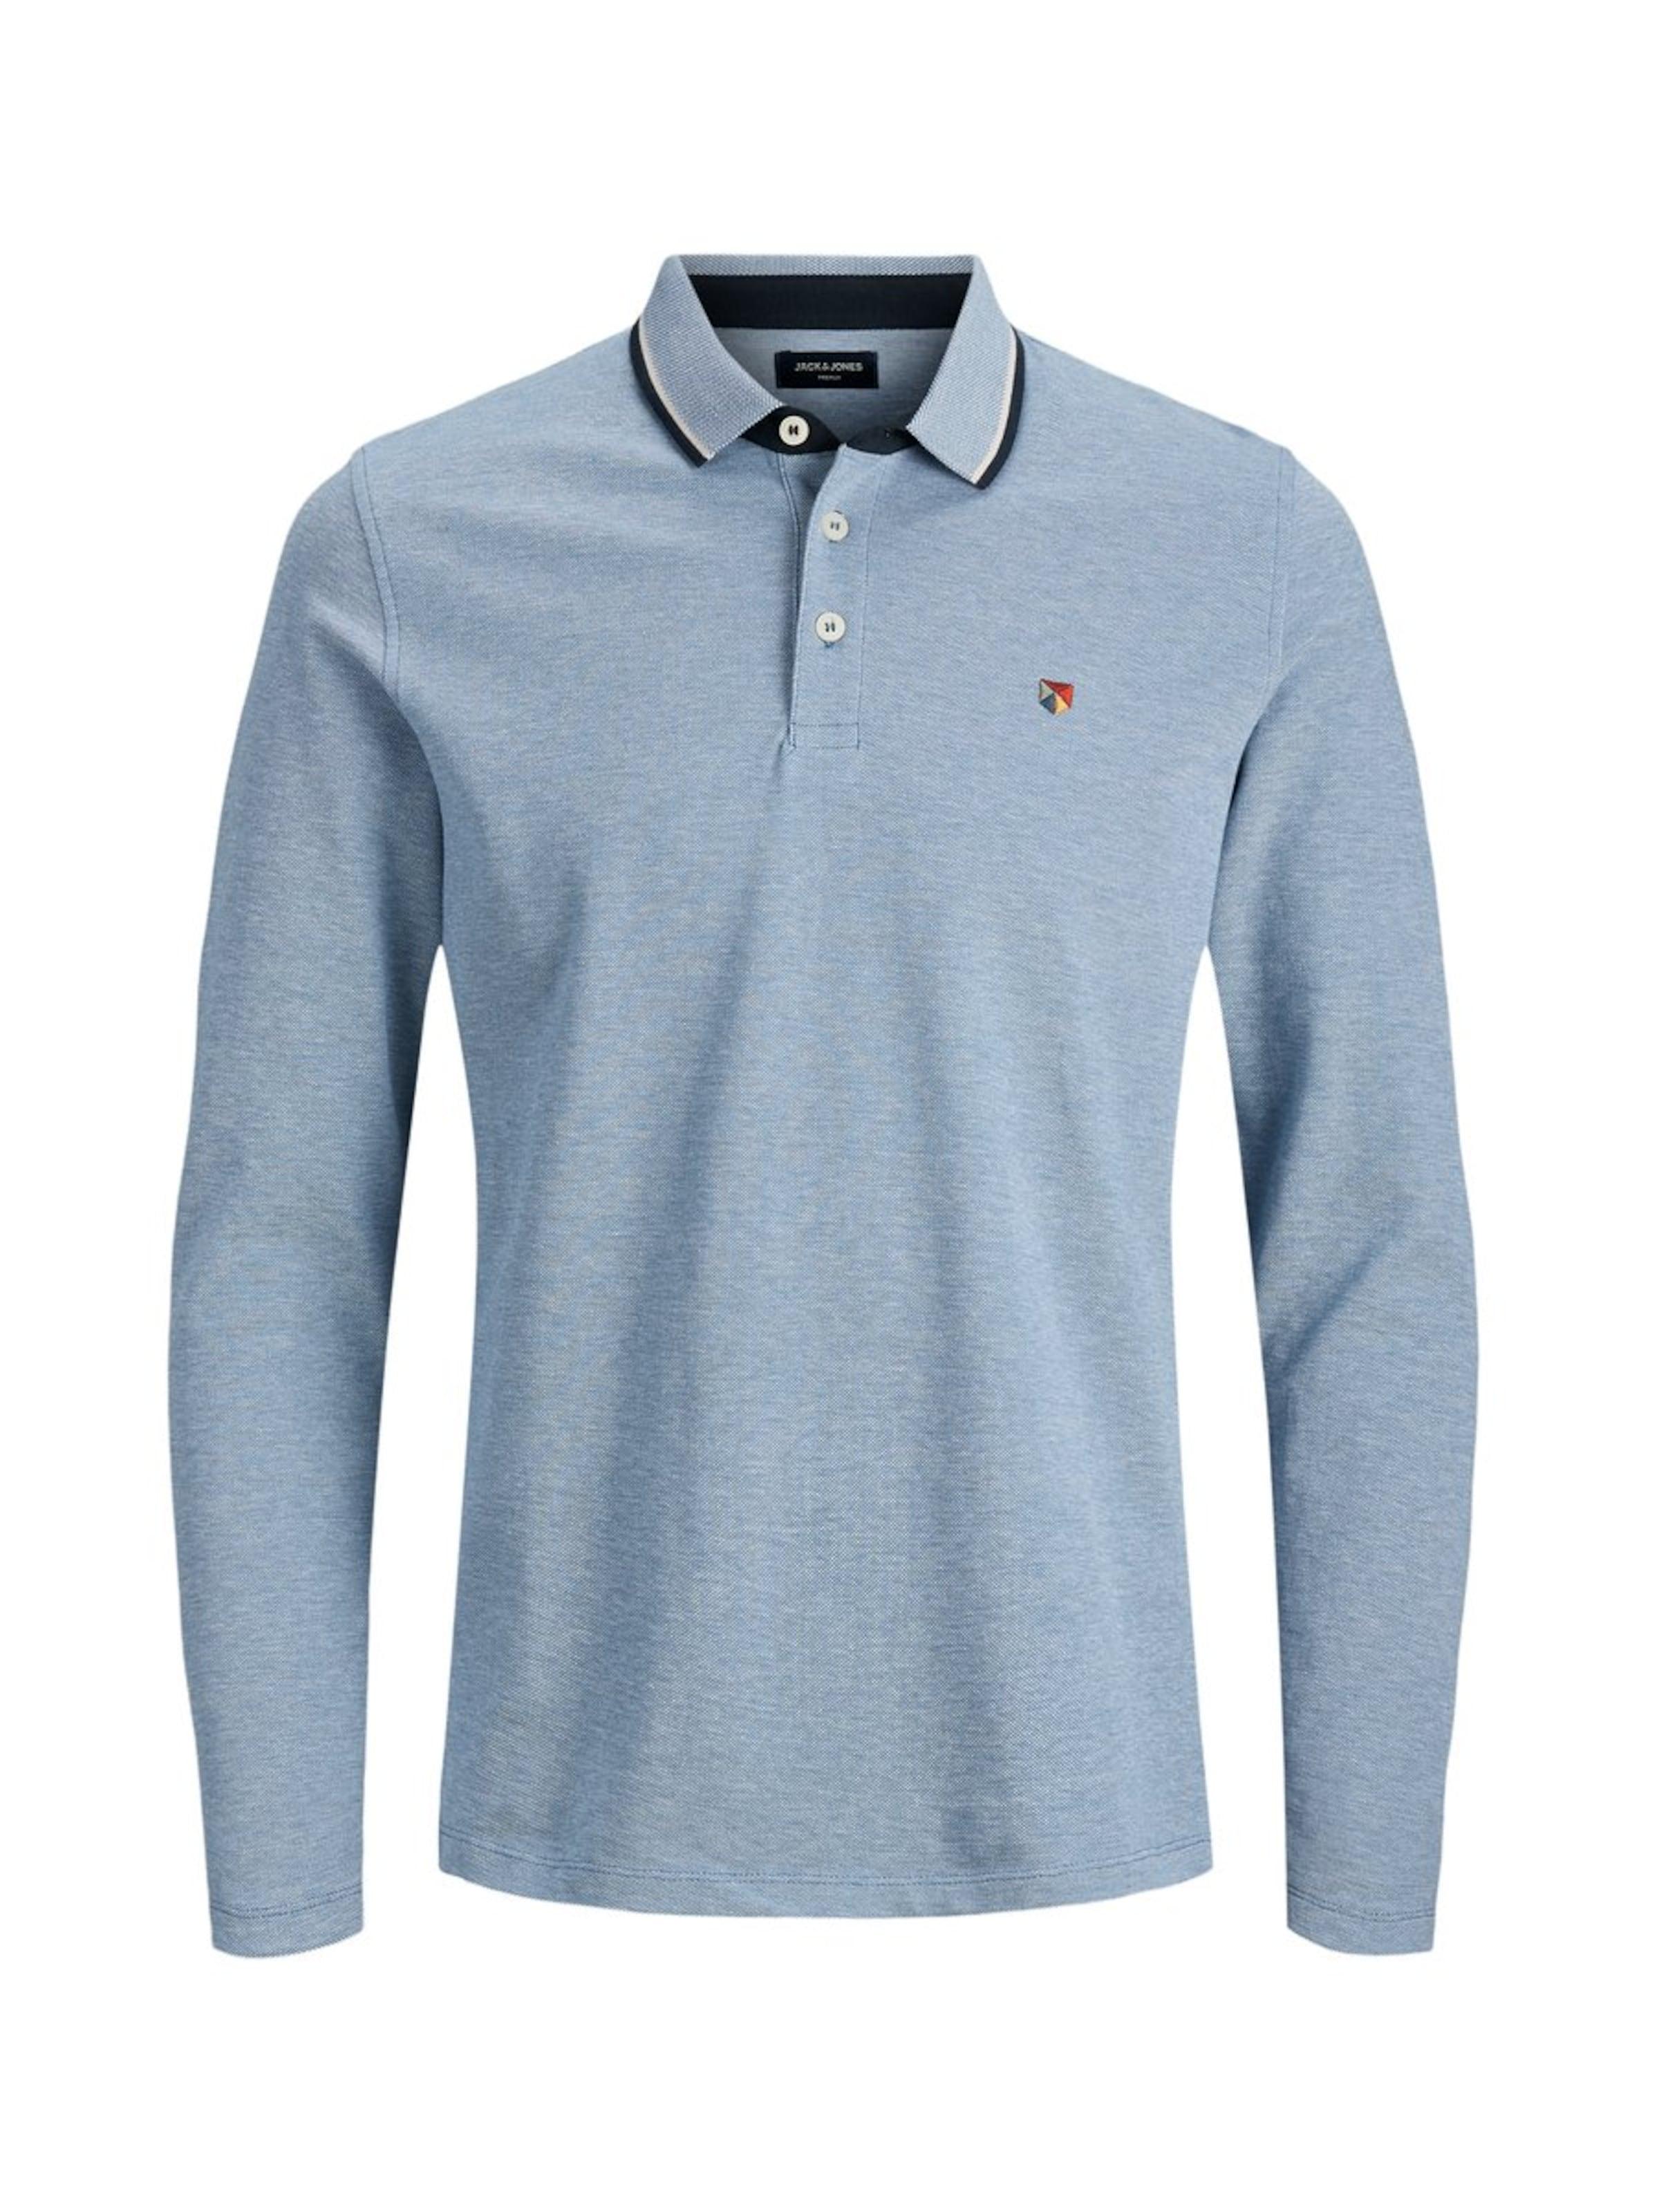 T shirt Clair Jones Jackamp; En Bleu dBhrQCxts